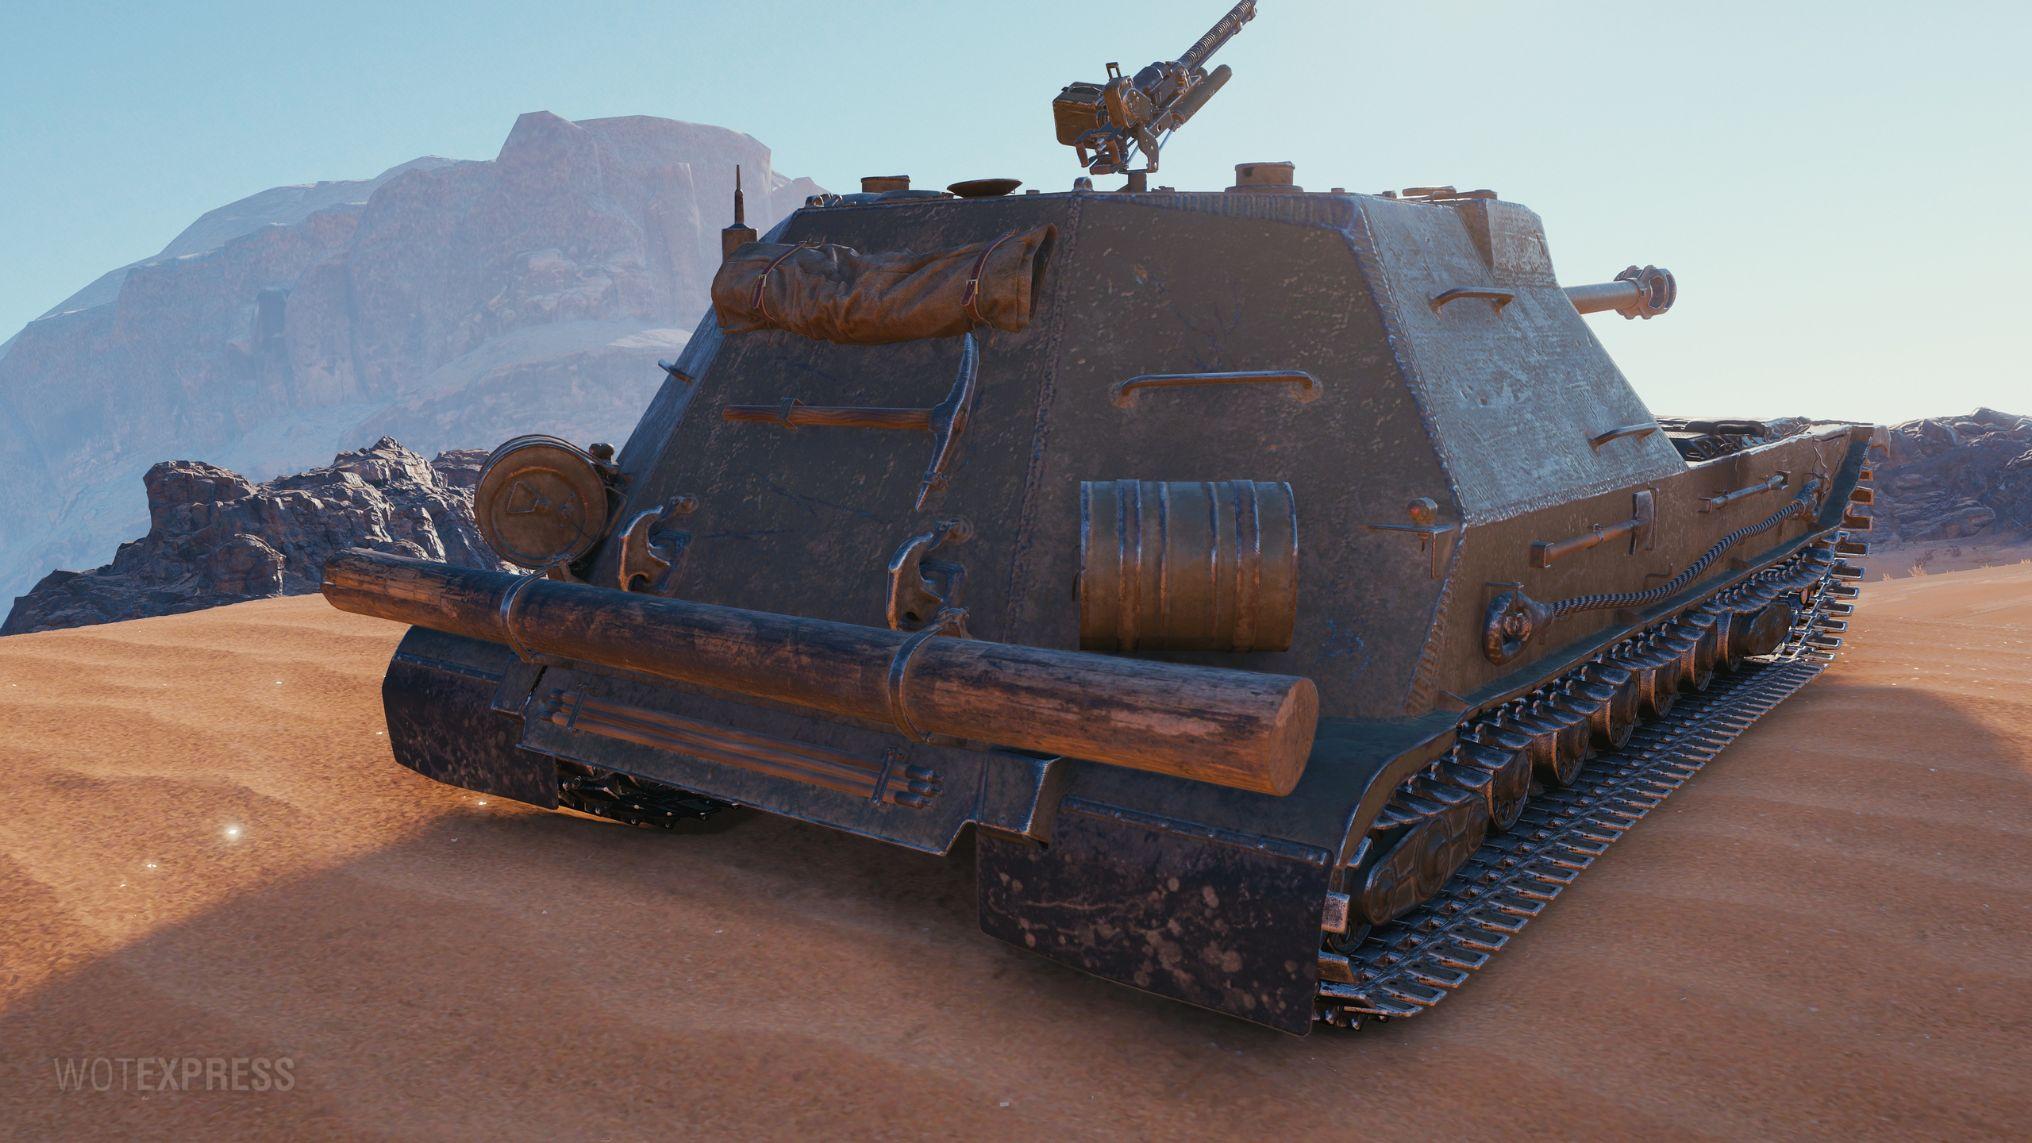 Zlw3F49vbf8